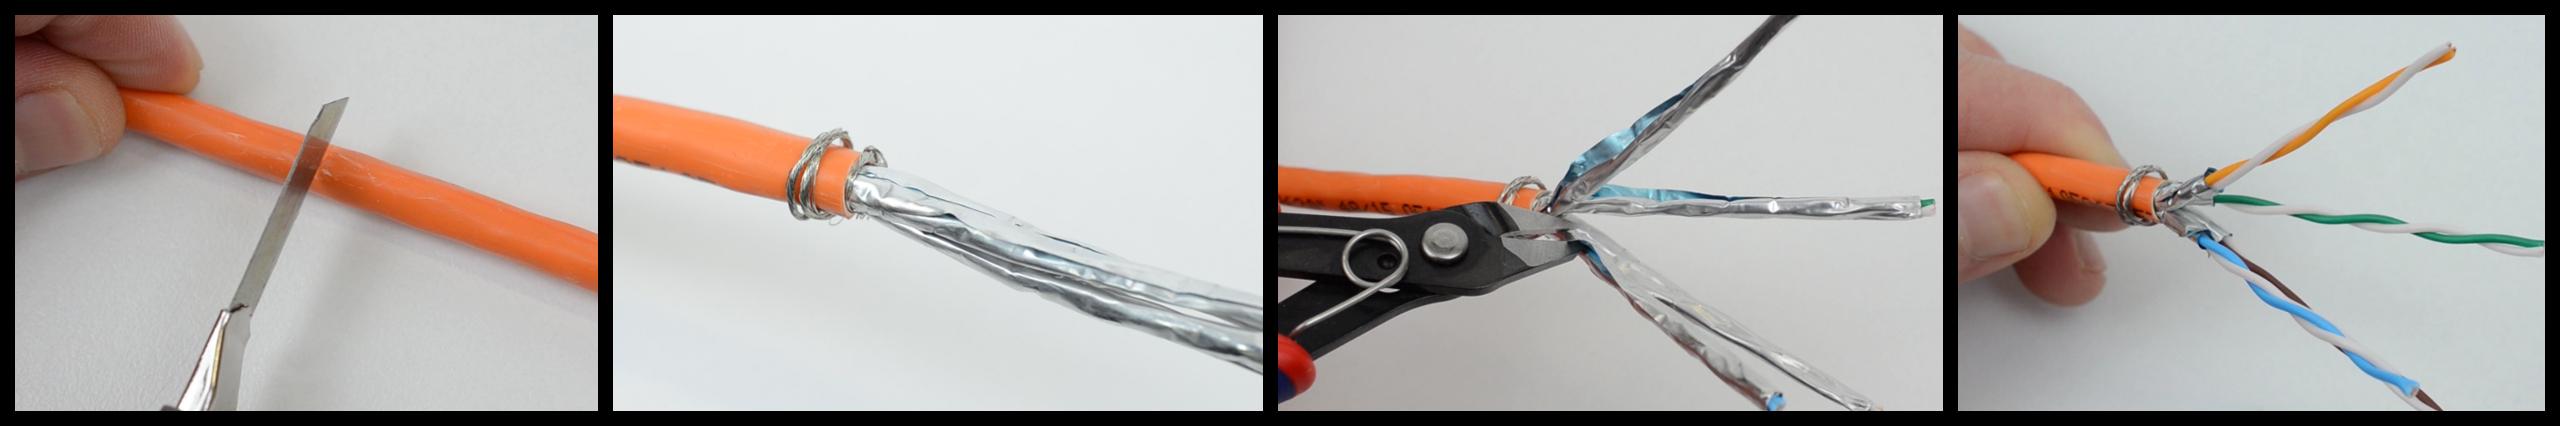 rj45 stecker für verlegekabel - der elektriker